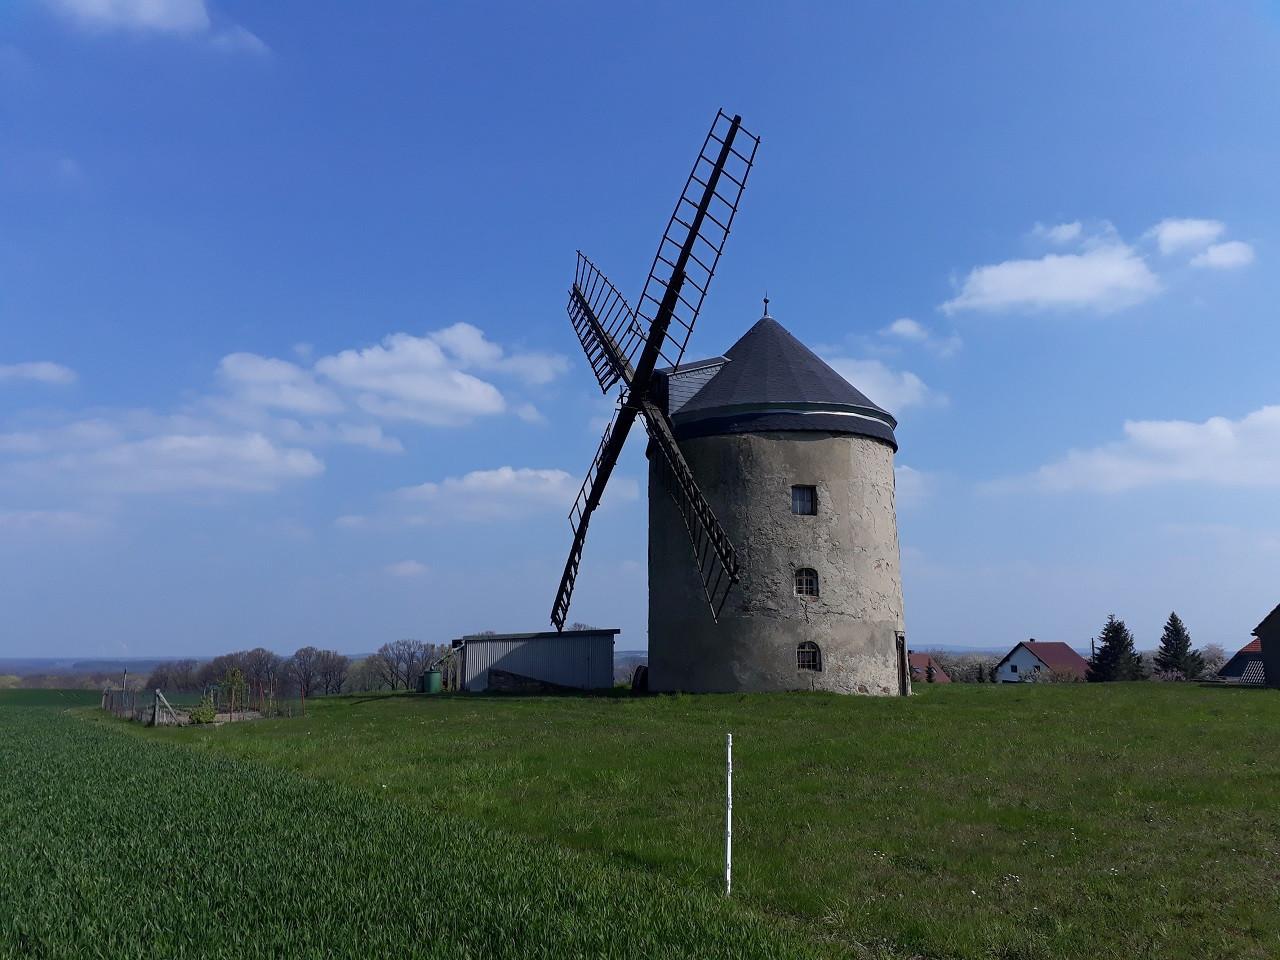 Der Turmholländer in Rodewitz ist im Familienbesitz. Ein Flügel hatte kürzlich Sturmschaden genommen.